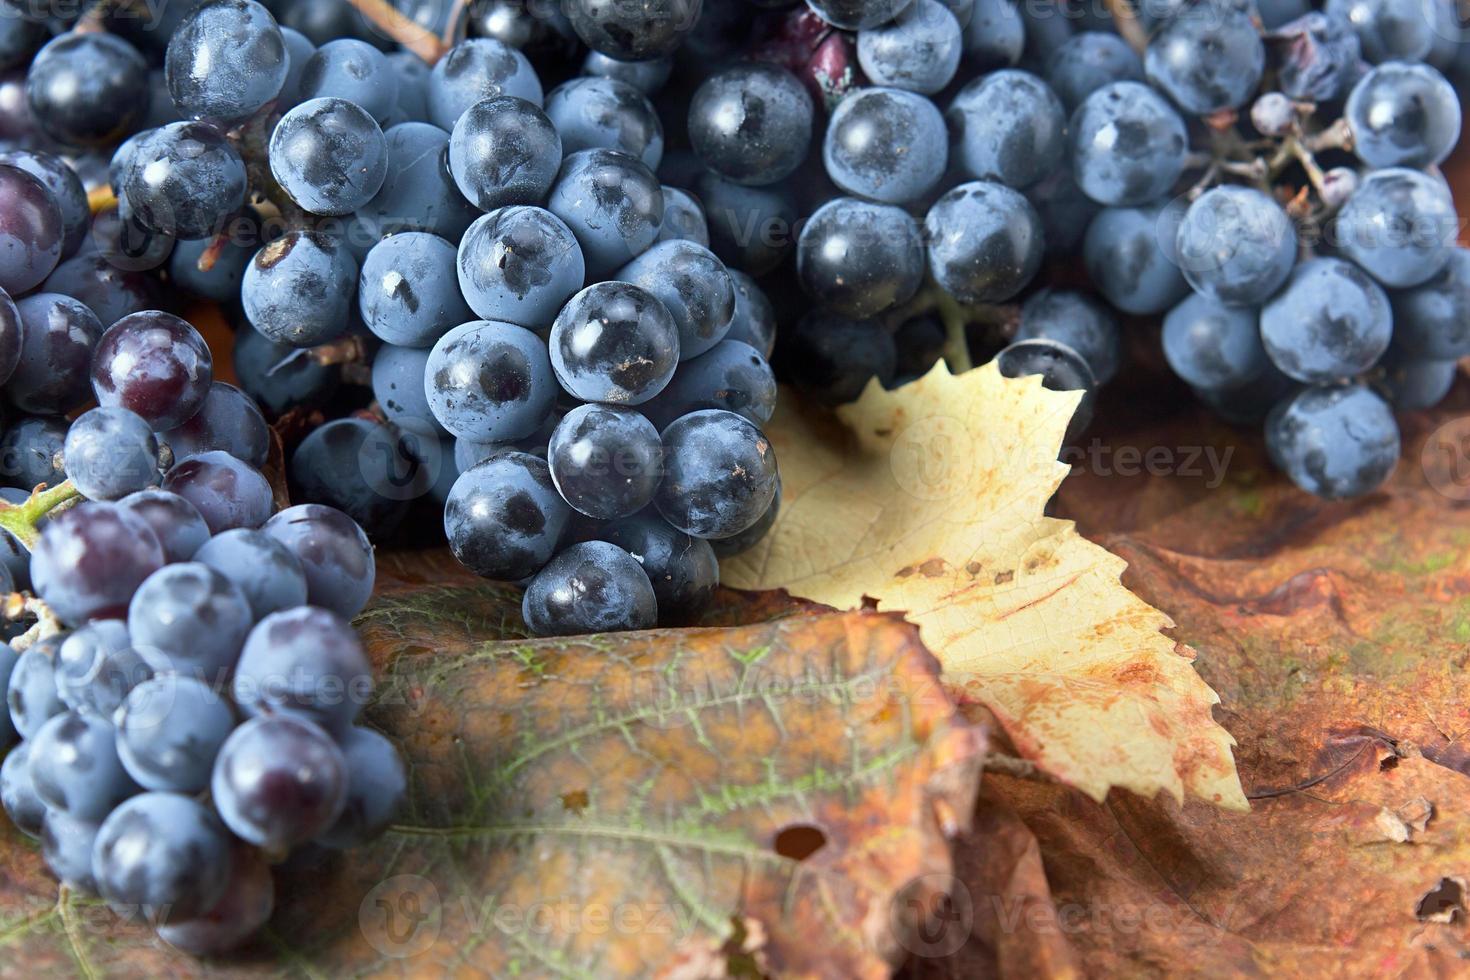 récolte de raisins pour la fabrication du vin photo